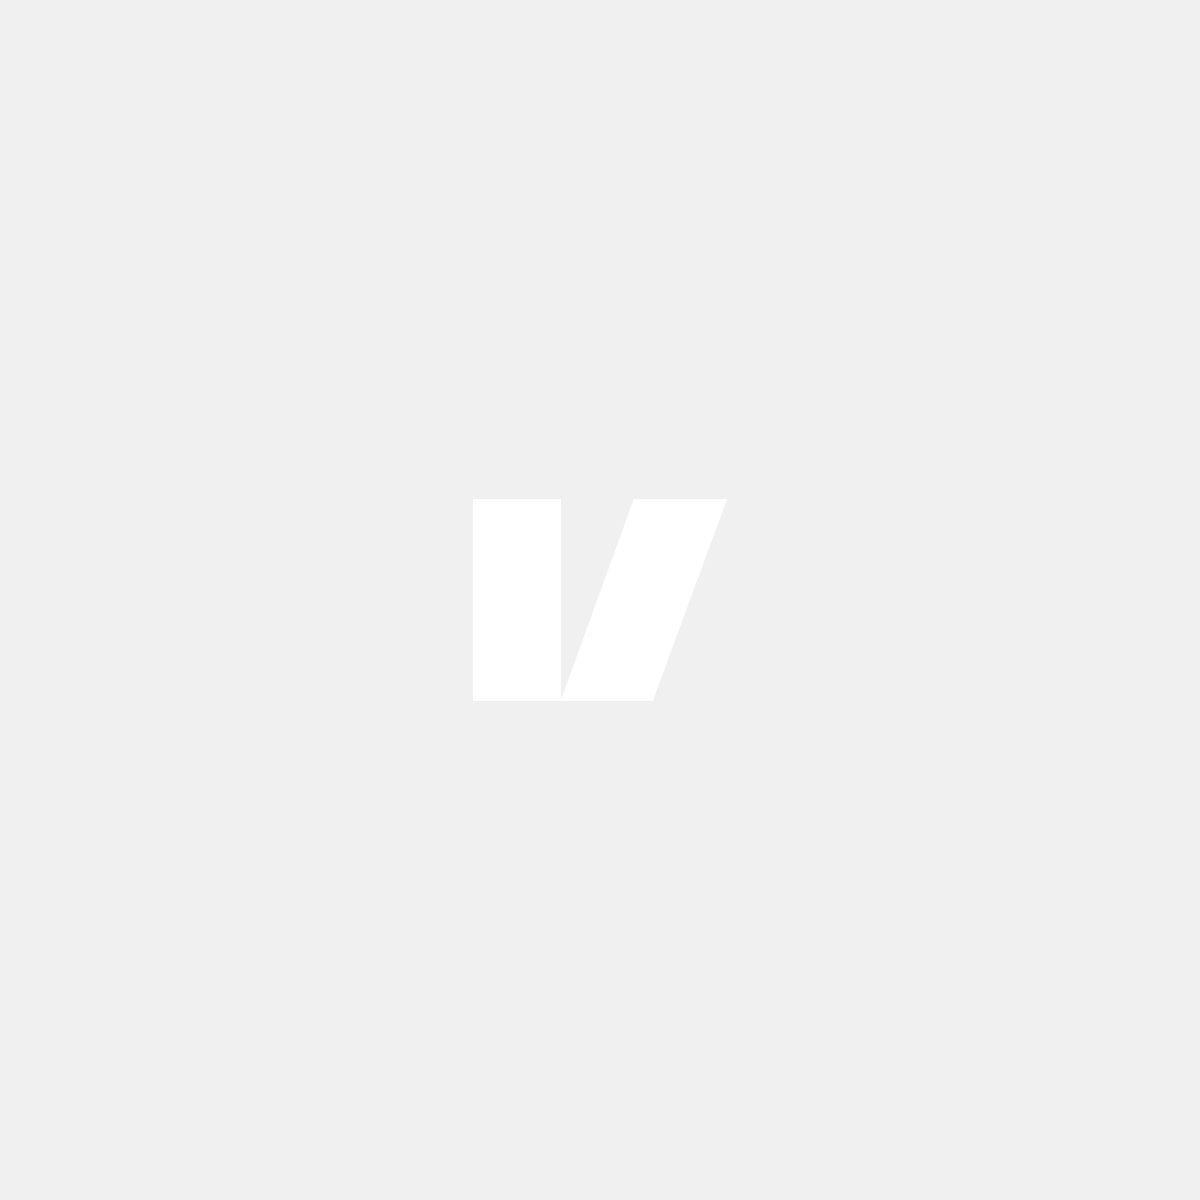 Blanksvarta backspegelkåpor till Volvo S80, V70